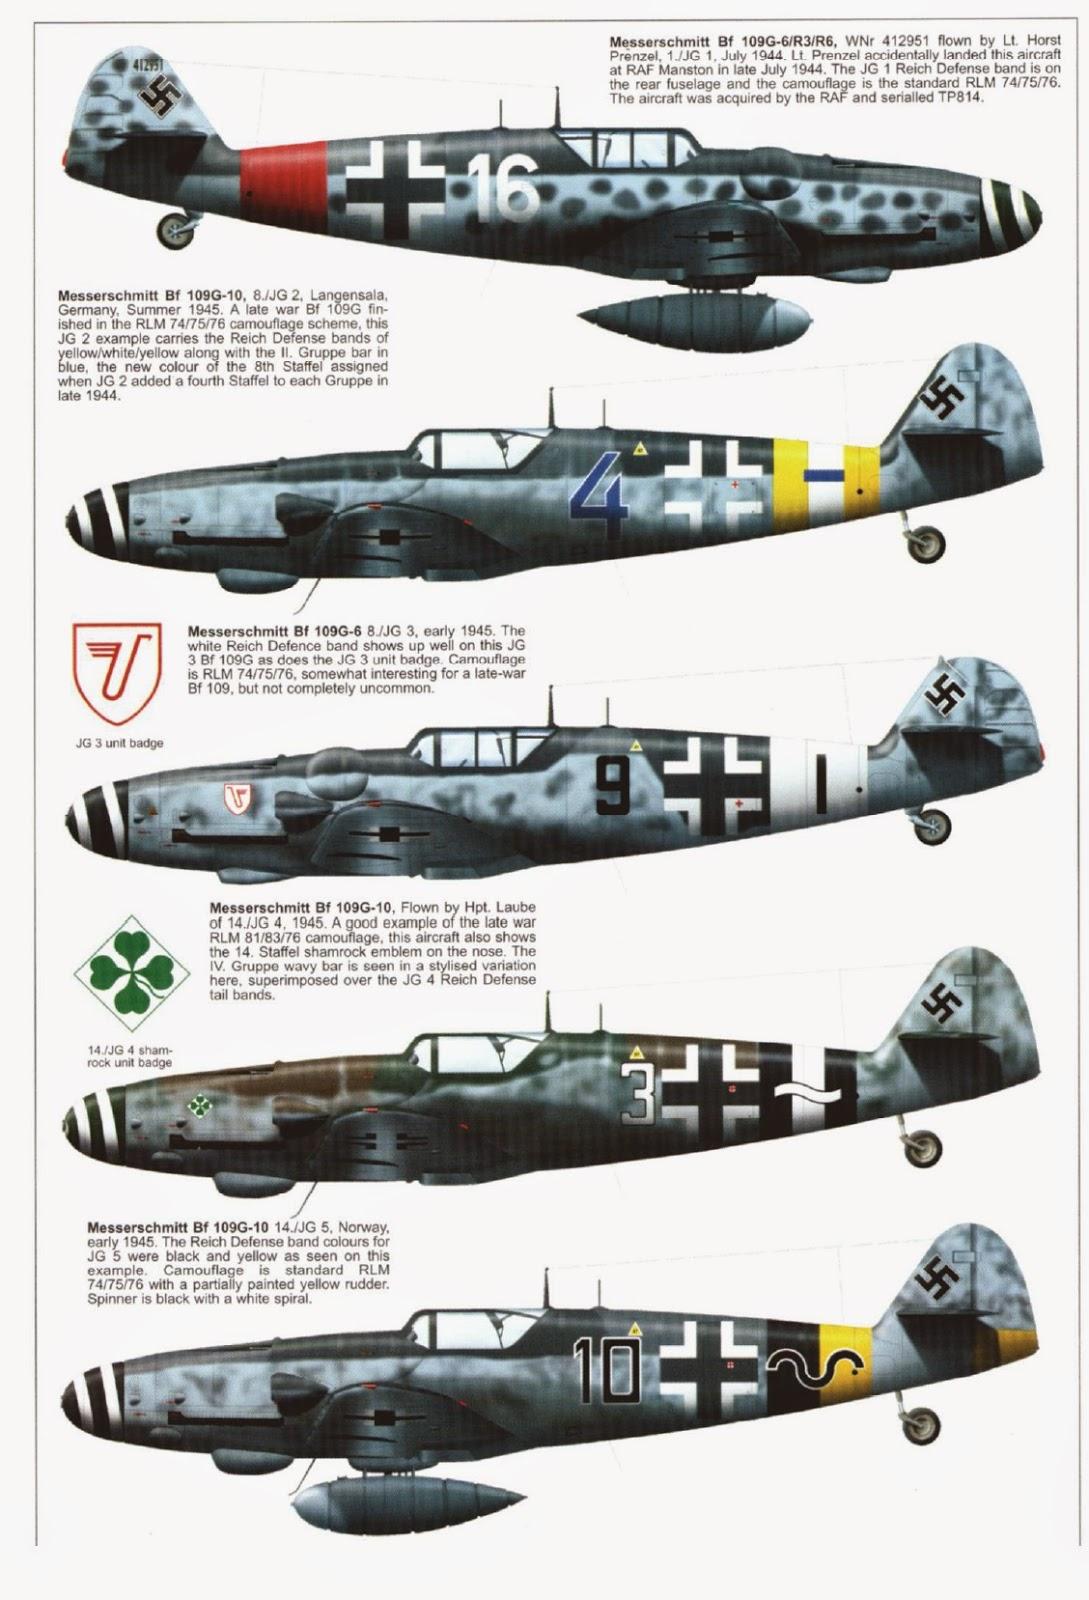 German Aircraft of WWII: Messerschmitt Bf 109 Part III